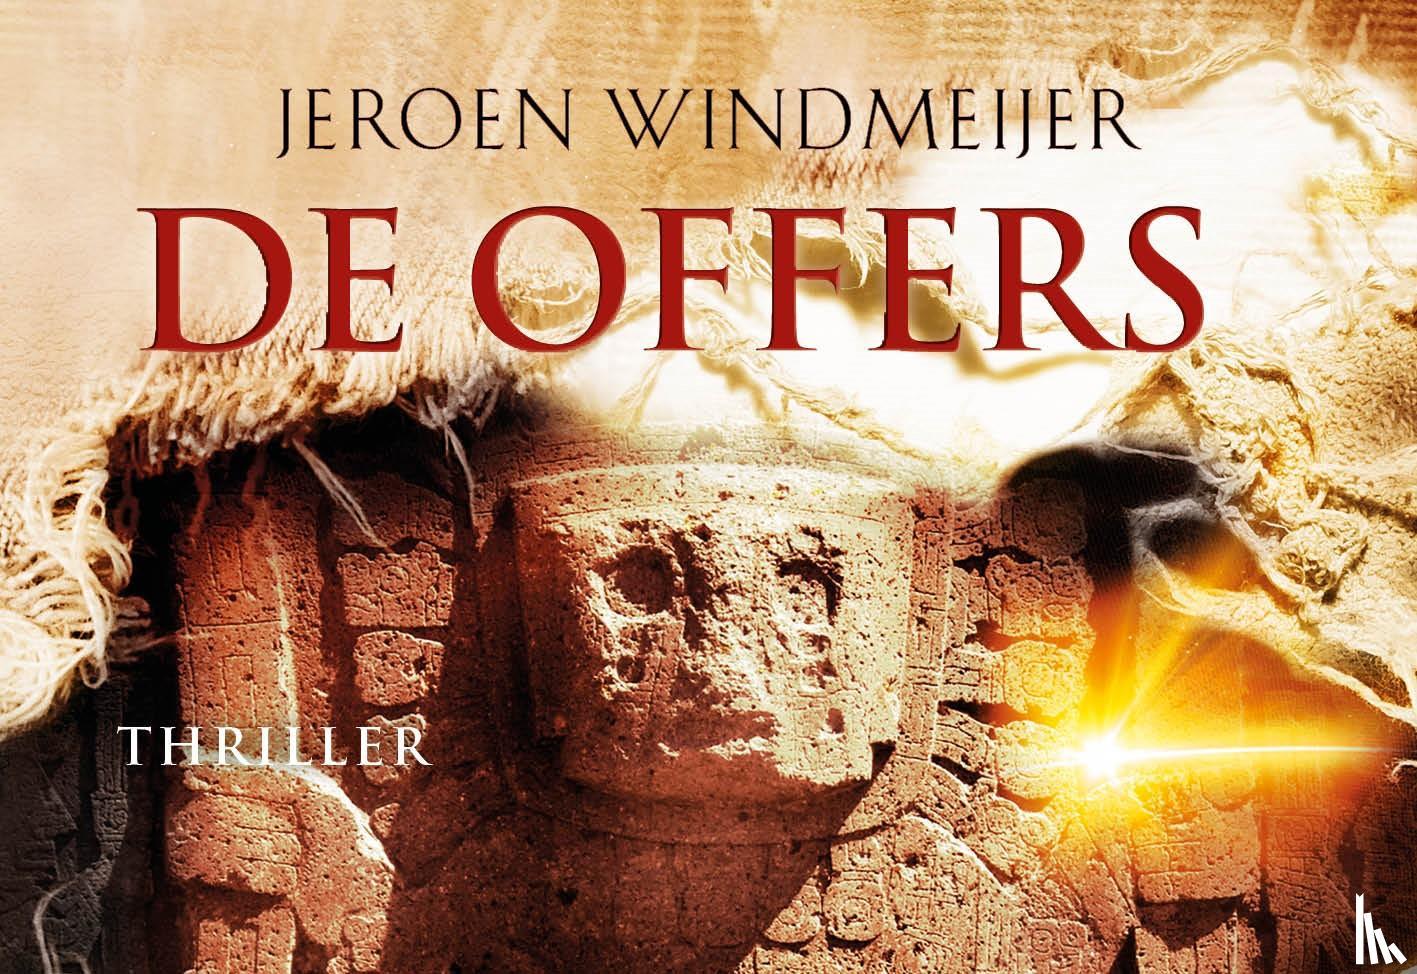 Windmeijer, Jeroen - De offers